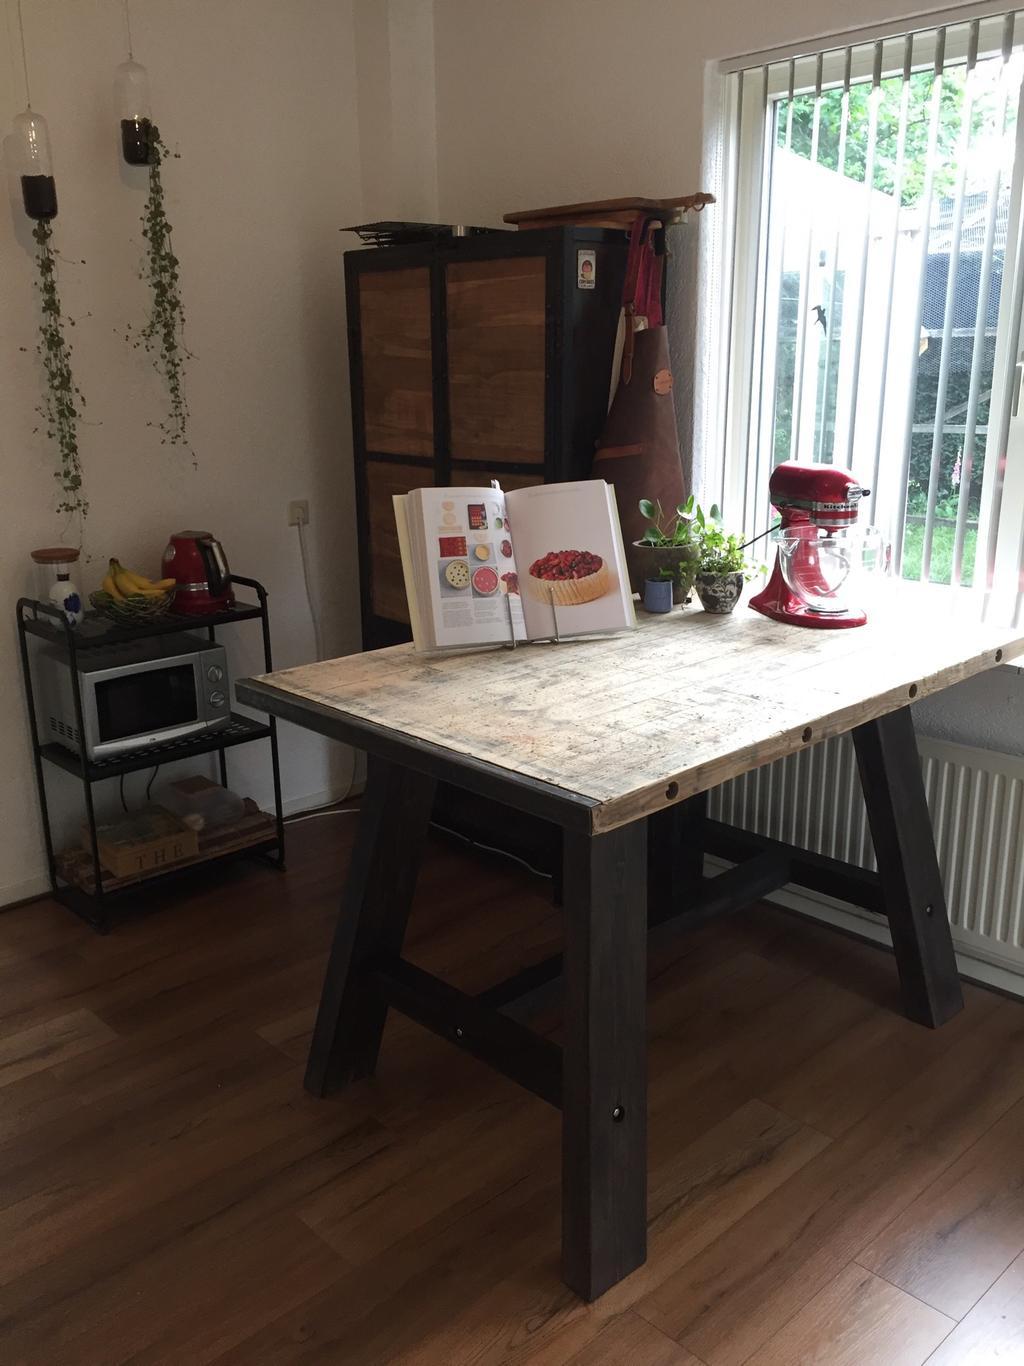 ik-ben-enorm-blij-met-deze-werktafel-er-is-weinig-werkruimte-op-het-aanrecht-en-aangezien-ik-veel-taarten-bak-was-deze-tafel-meer-dan-welkom-mijn-man-heeft-deze-tafel-zelf-gemaakt